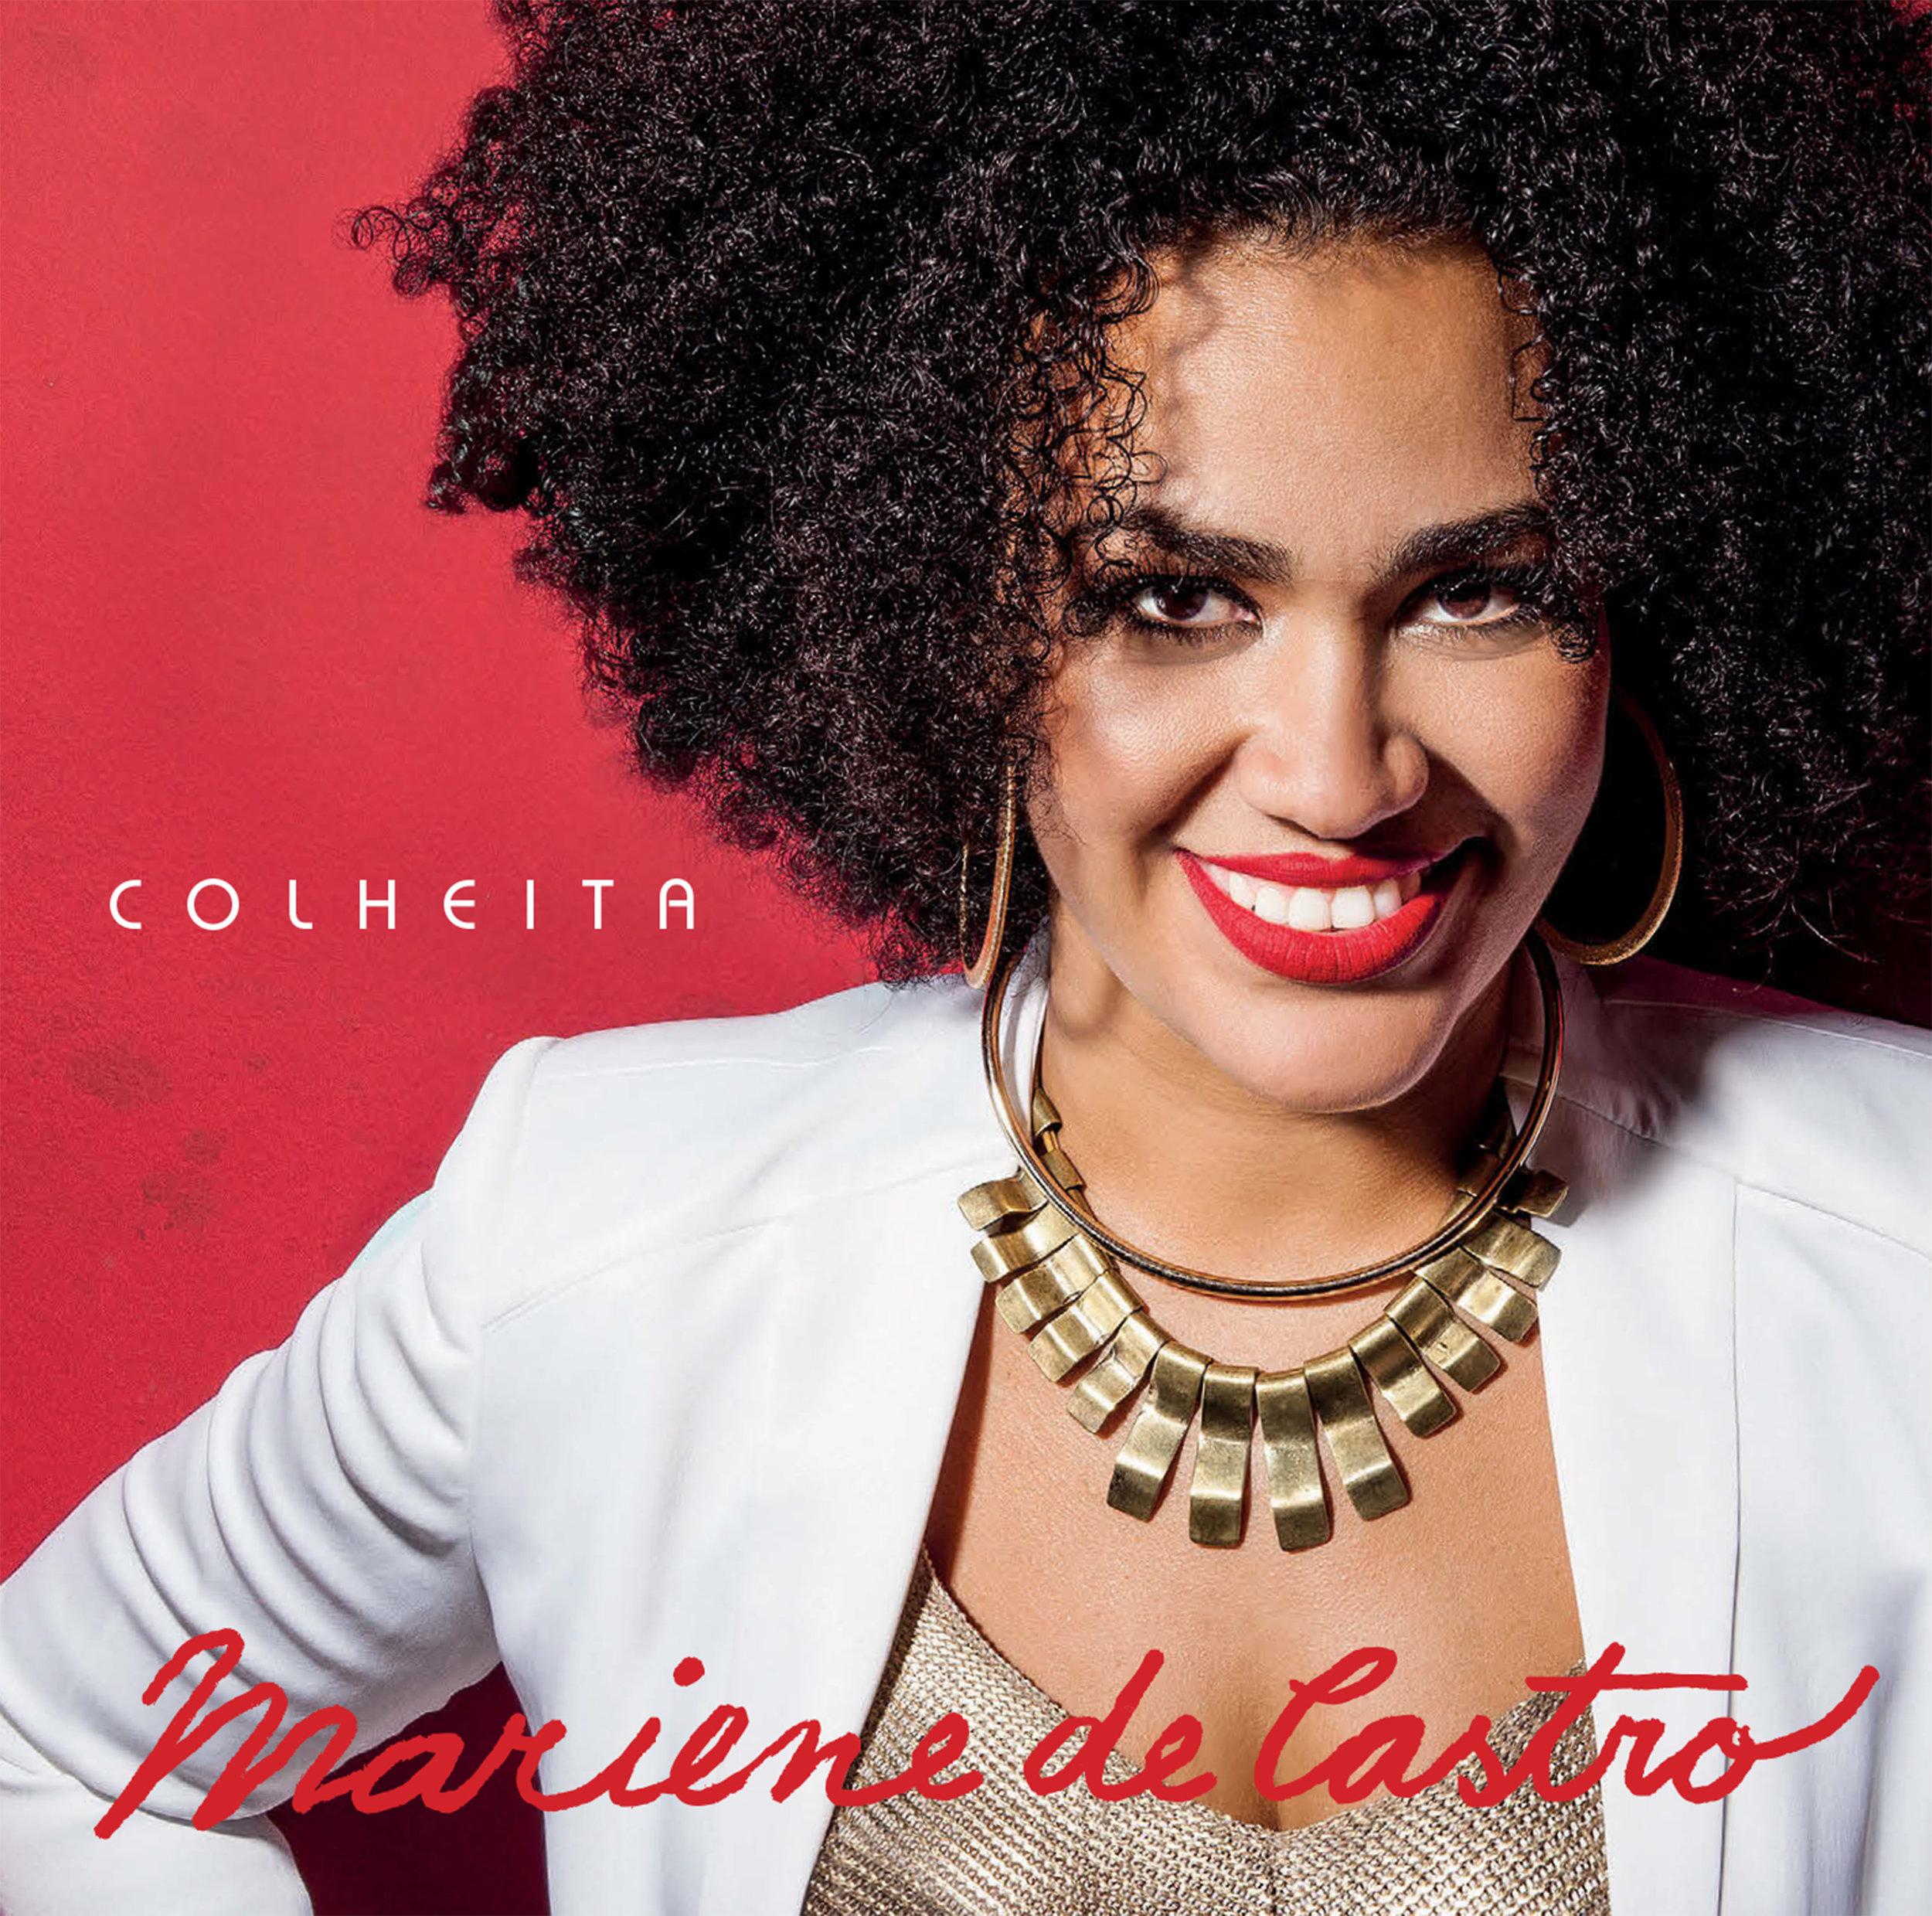 Mariene de Castro, Album cover